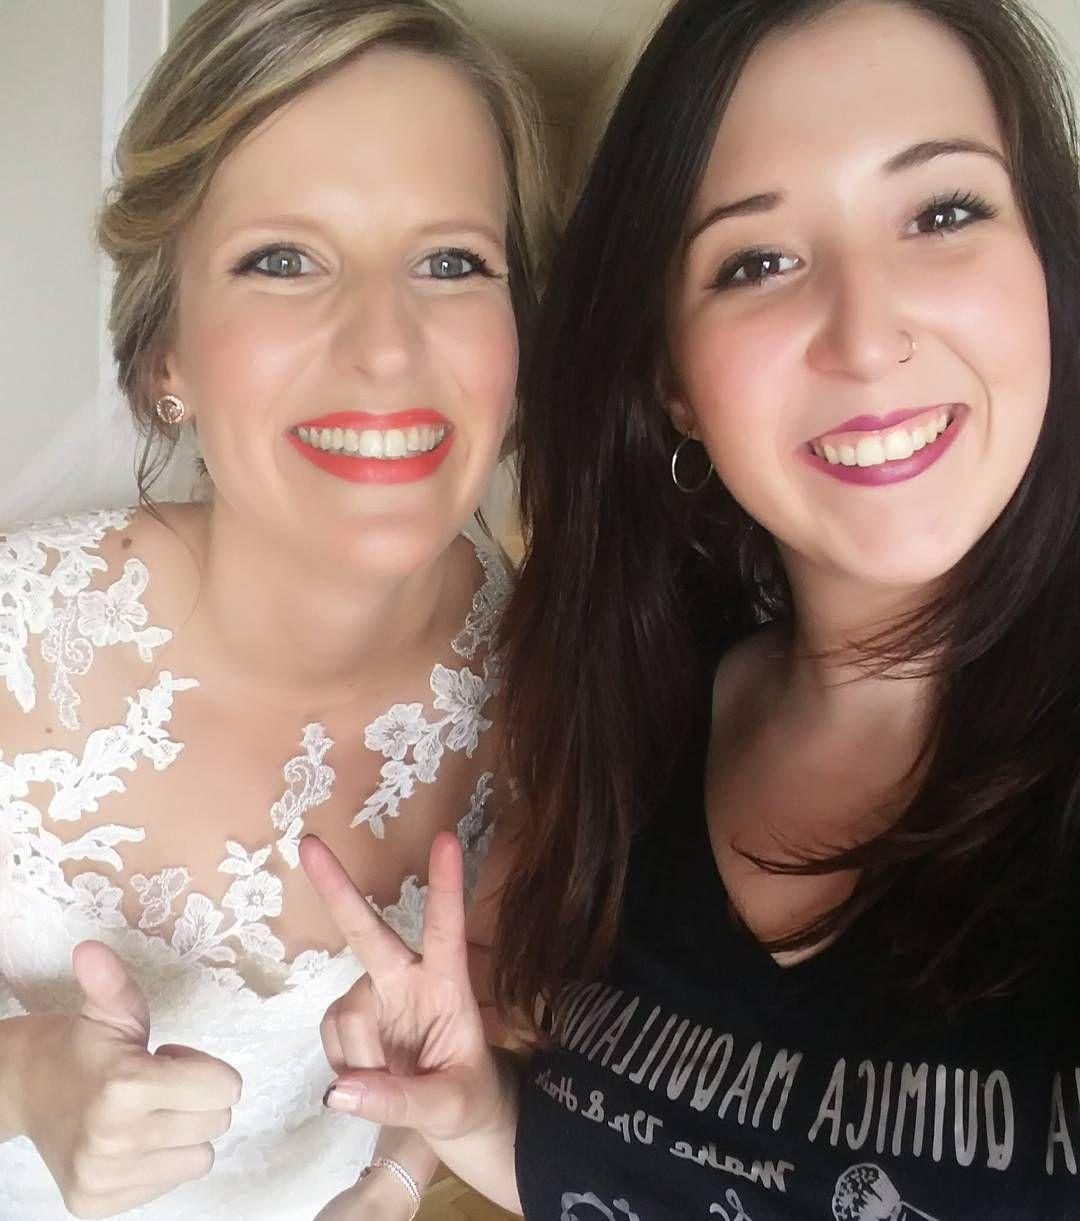 Hoy he tenido el placer de poner mas guapa todavía a Leanaic y su família de la mano de @zoecrespomakeupartist. Madre,hermana,cuñada,suegra y la Novia�� estos han sido nuestros lienzos de hoy���� Gracias a todas por la confianza y sobretodo Gracias a ti Leanaic, te mereces doblemente ser feliz�� . ��Hair & ��Makeup  @merakimuart · #follow Equipo �� @quimica_makeup. @hairdesiree @merakimuart · · #wedding #hair #hairstyle #noviaoriginal #peinadonovia #hairbride #weddingmakeup #noviaconestilo…